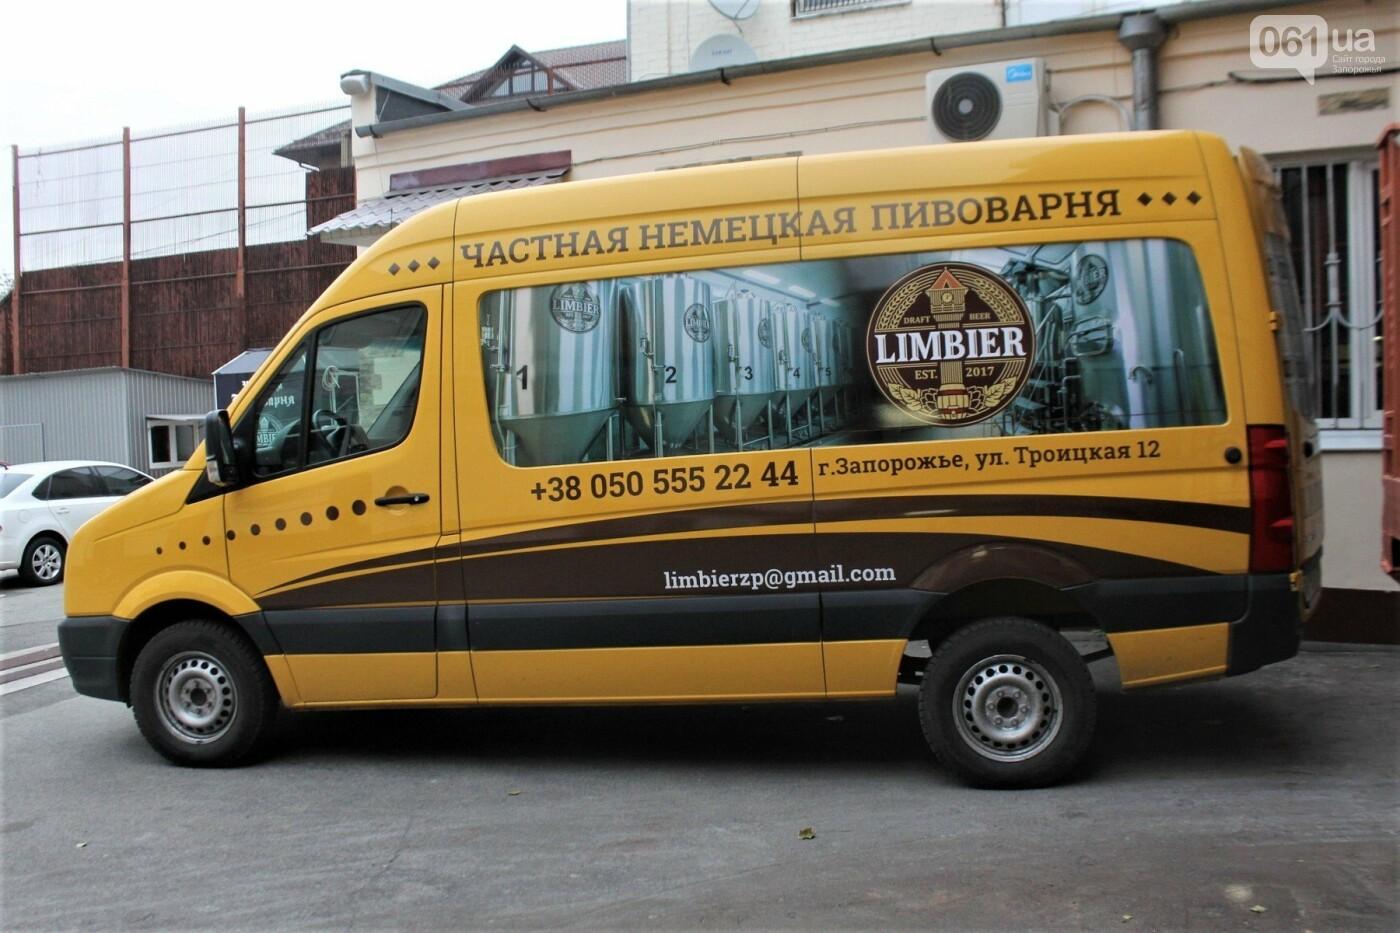 Как в Запорожье готовят крафтовое пиво «Limbier»: экскурсия на производство, – ФОТОРЕПОРТАЖ, фото-2